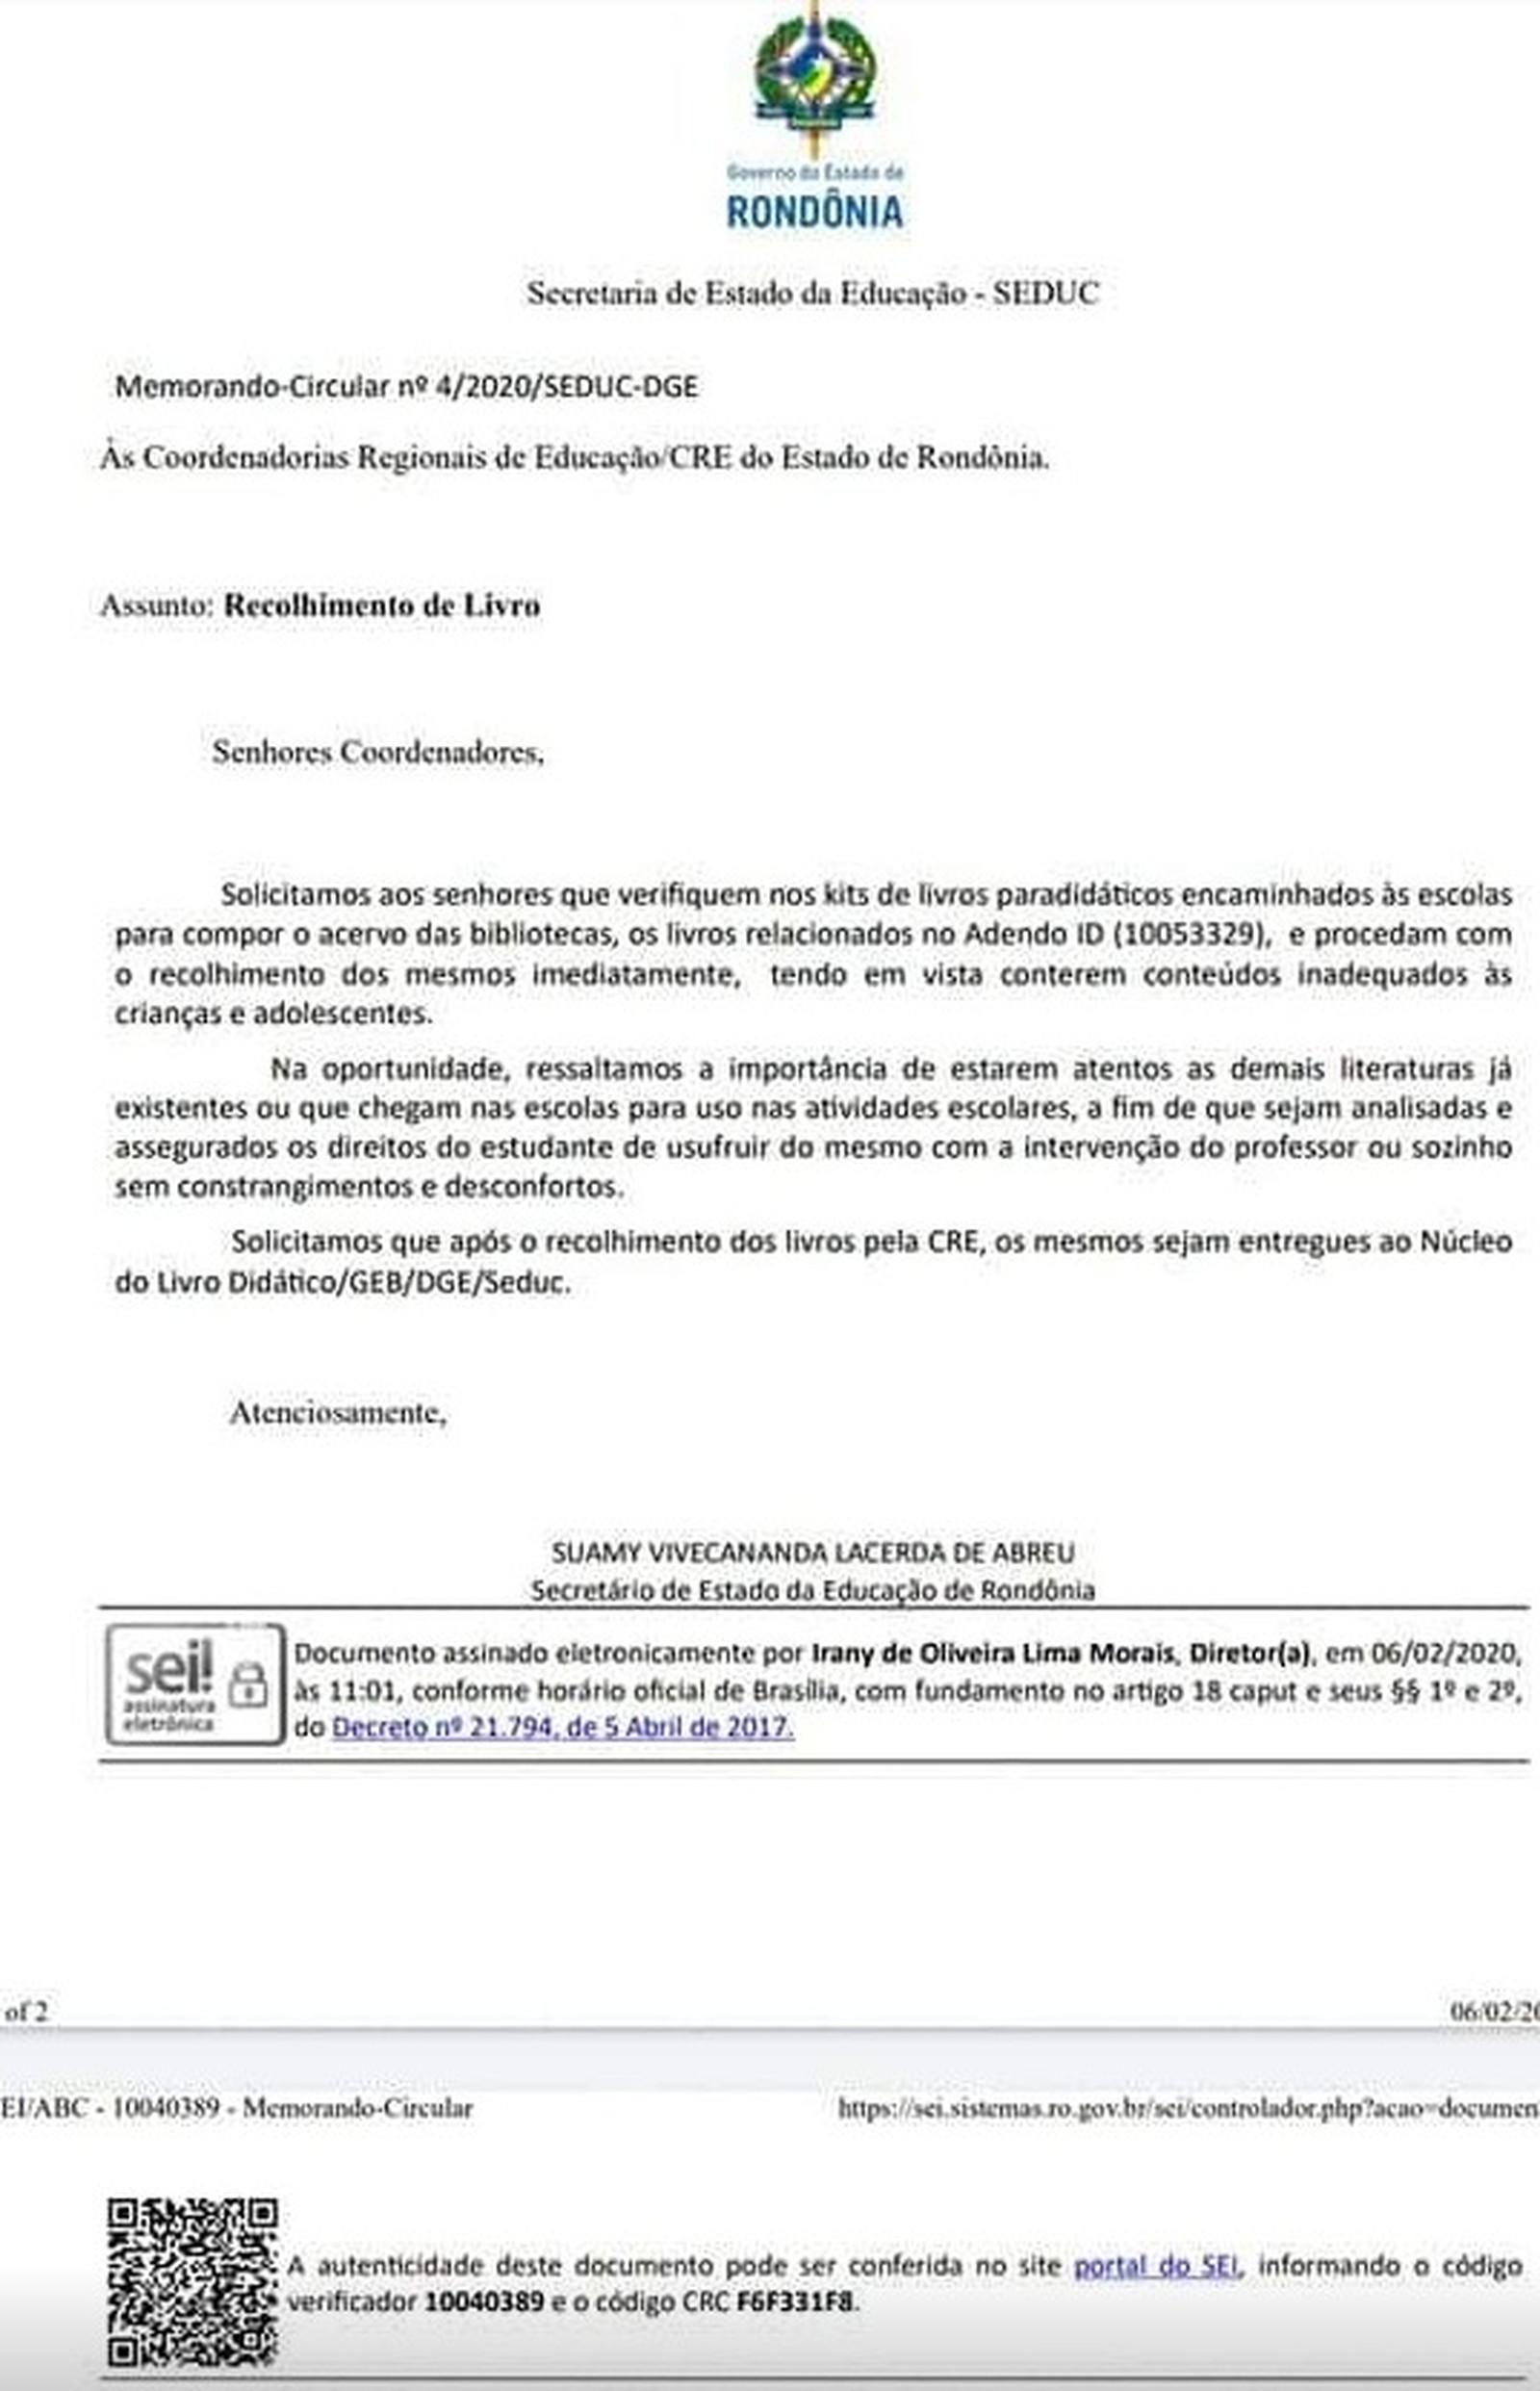 https://g1.globo.com/ro/rondonia/noticia/2020/02/06/documento-da-secretaria-de-educacao-de-ro-manda-recolher-de-escolas-macunaima-e-mais-42-livros-secretario-diz-ser-rascunho.ghtml